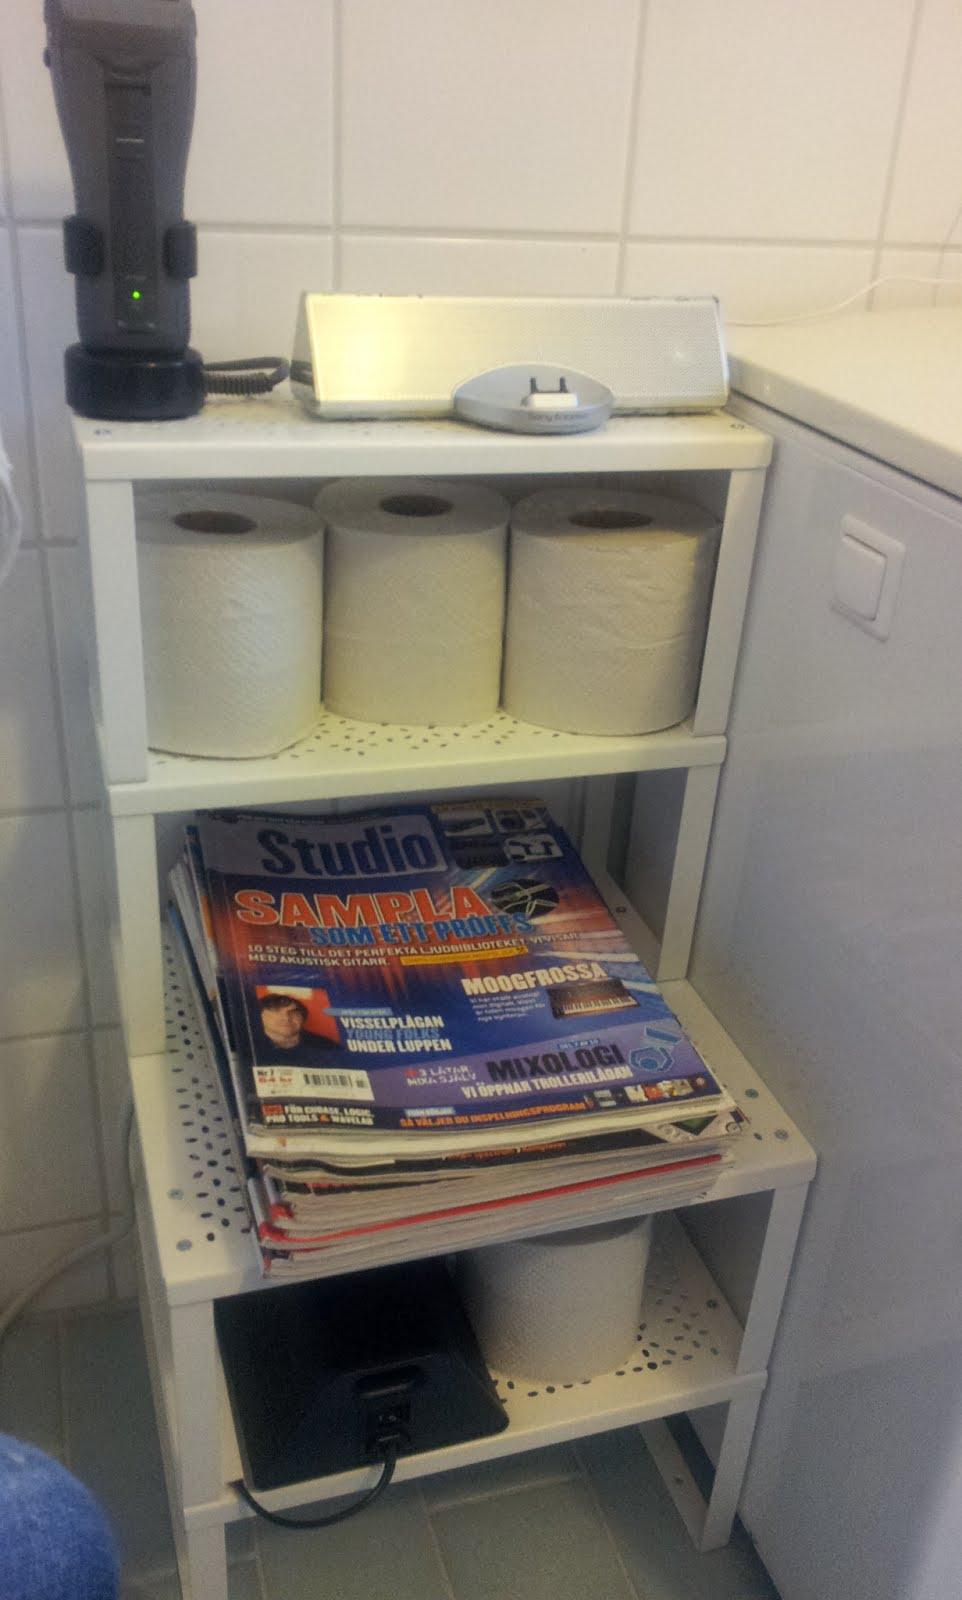 Variera shelf insert turned into a bathroom shelf for speaker